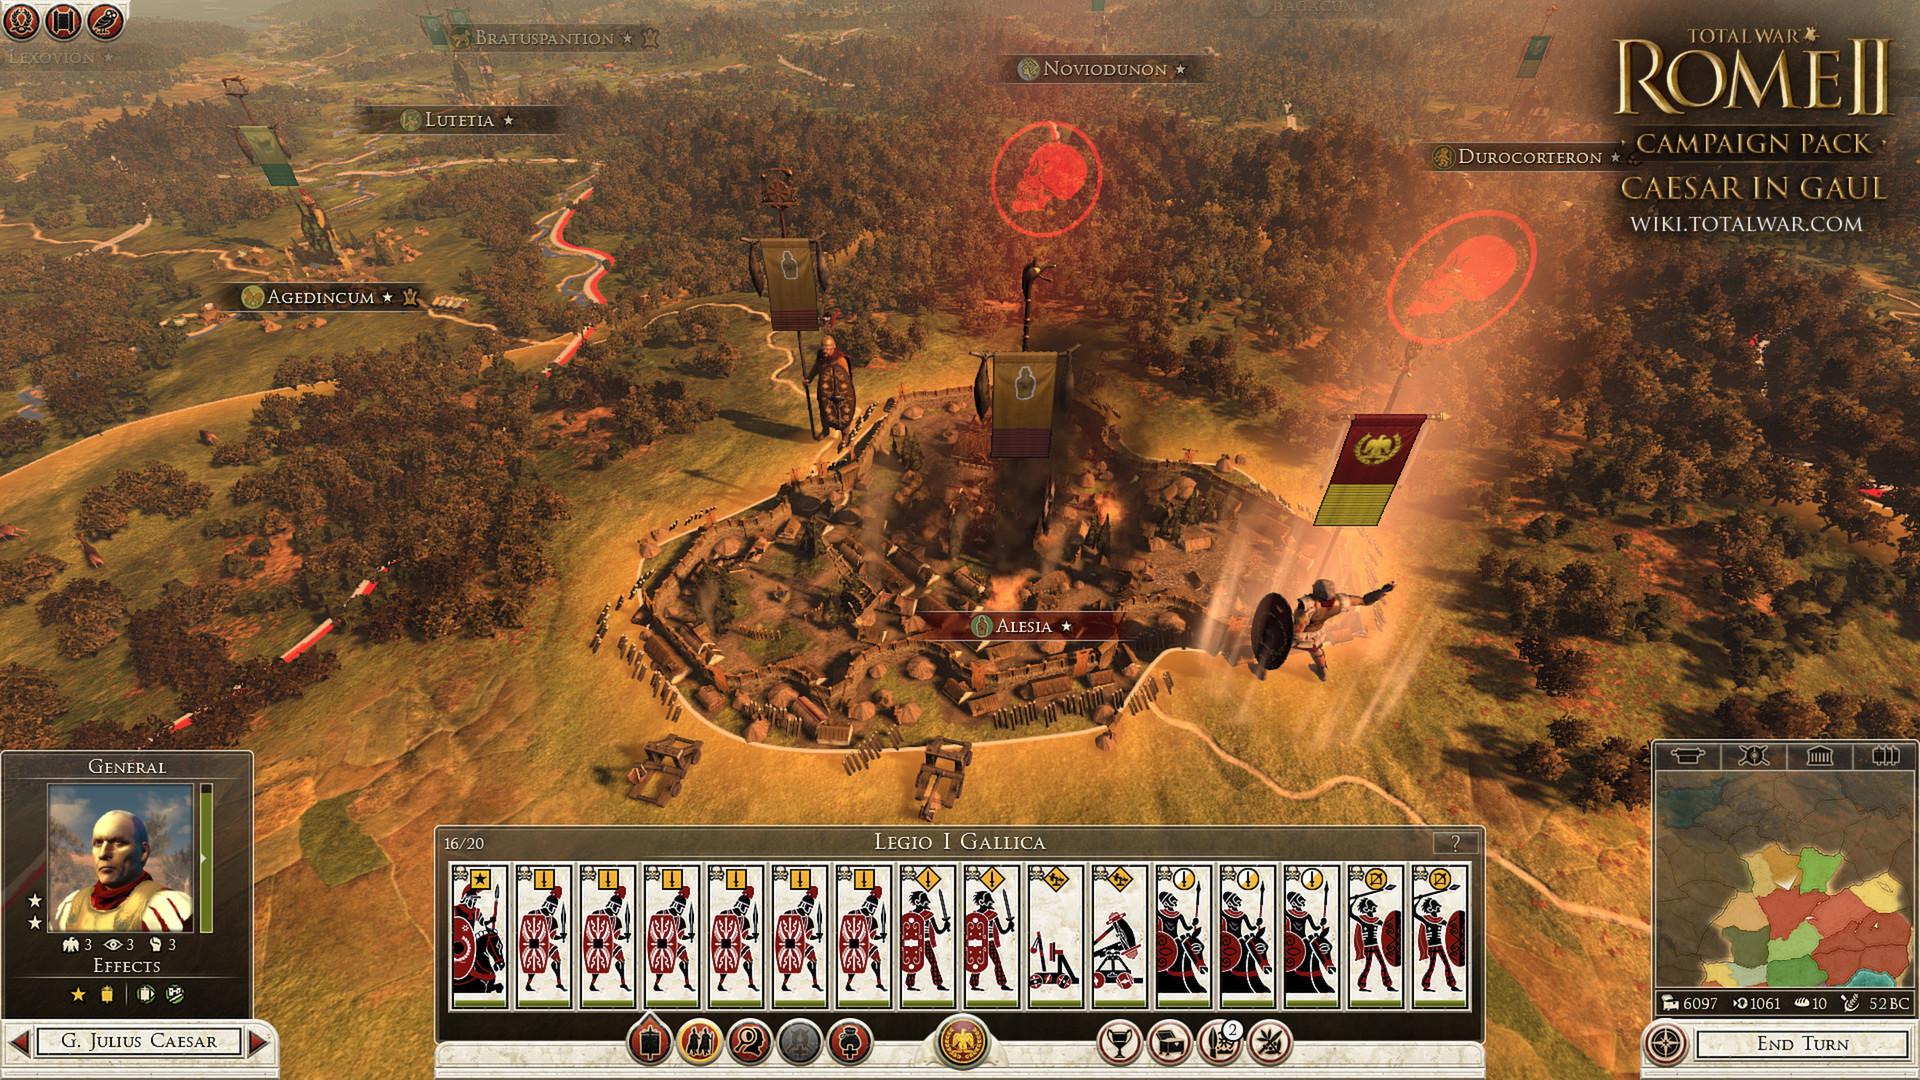 Total War: ROME II - Caesar in Gaul Campaign Pack screenshot